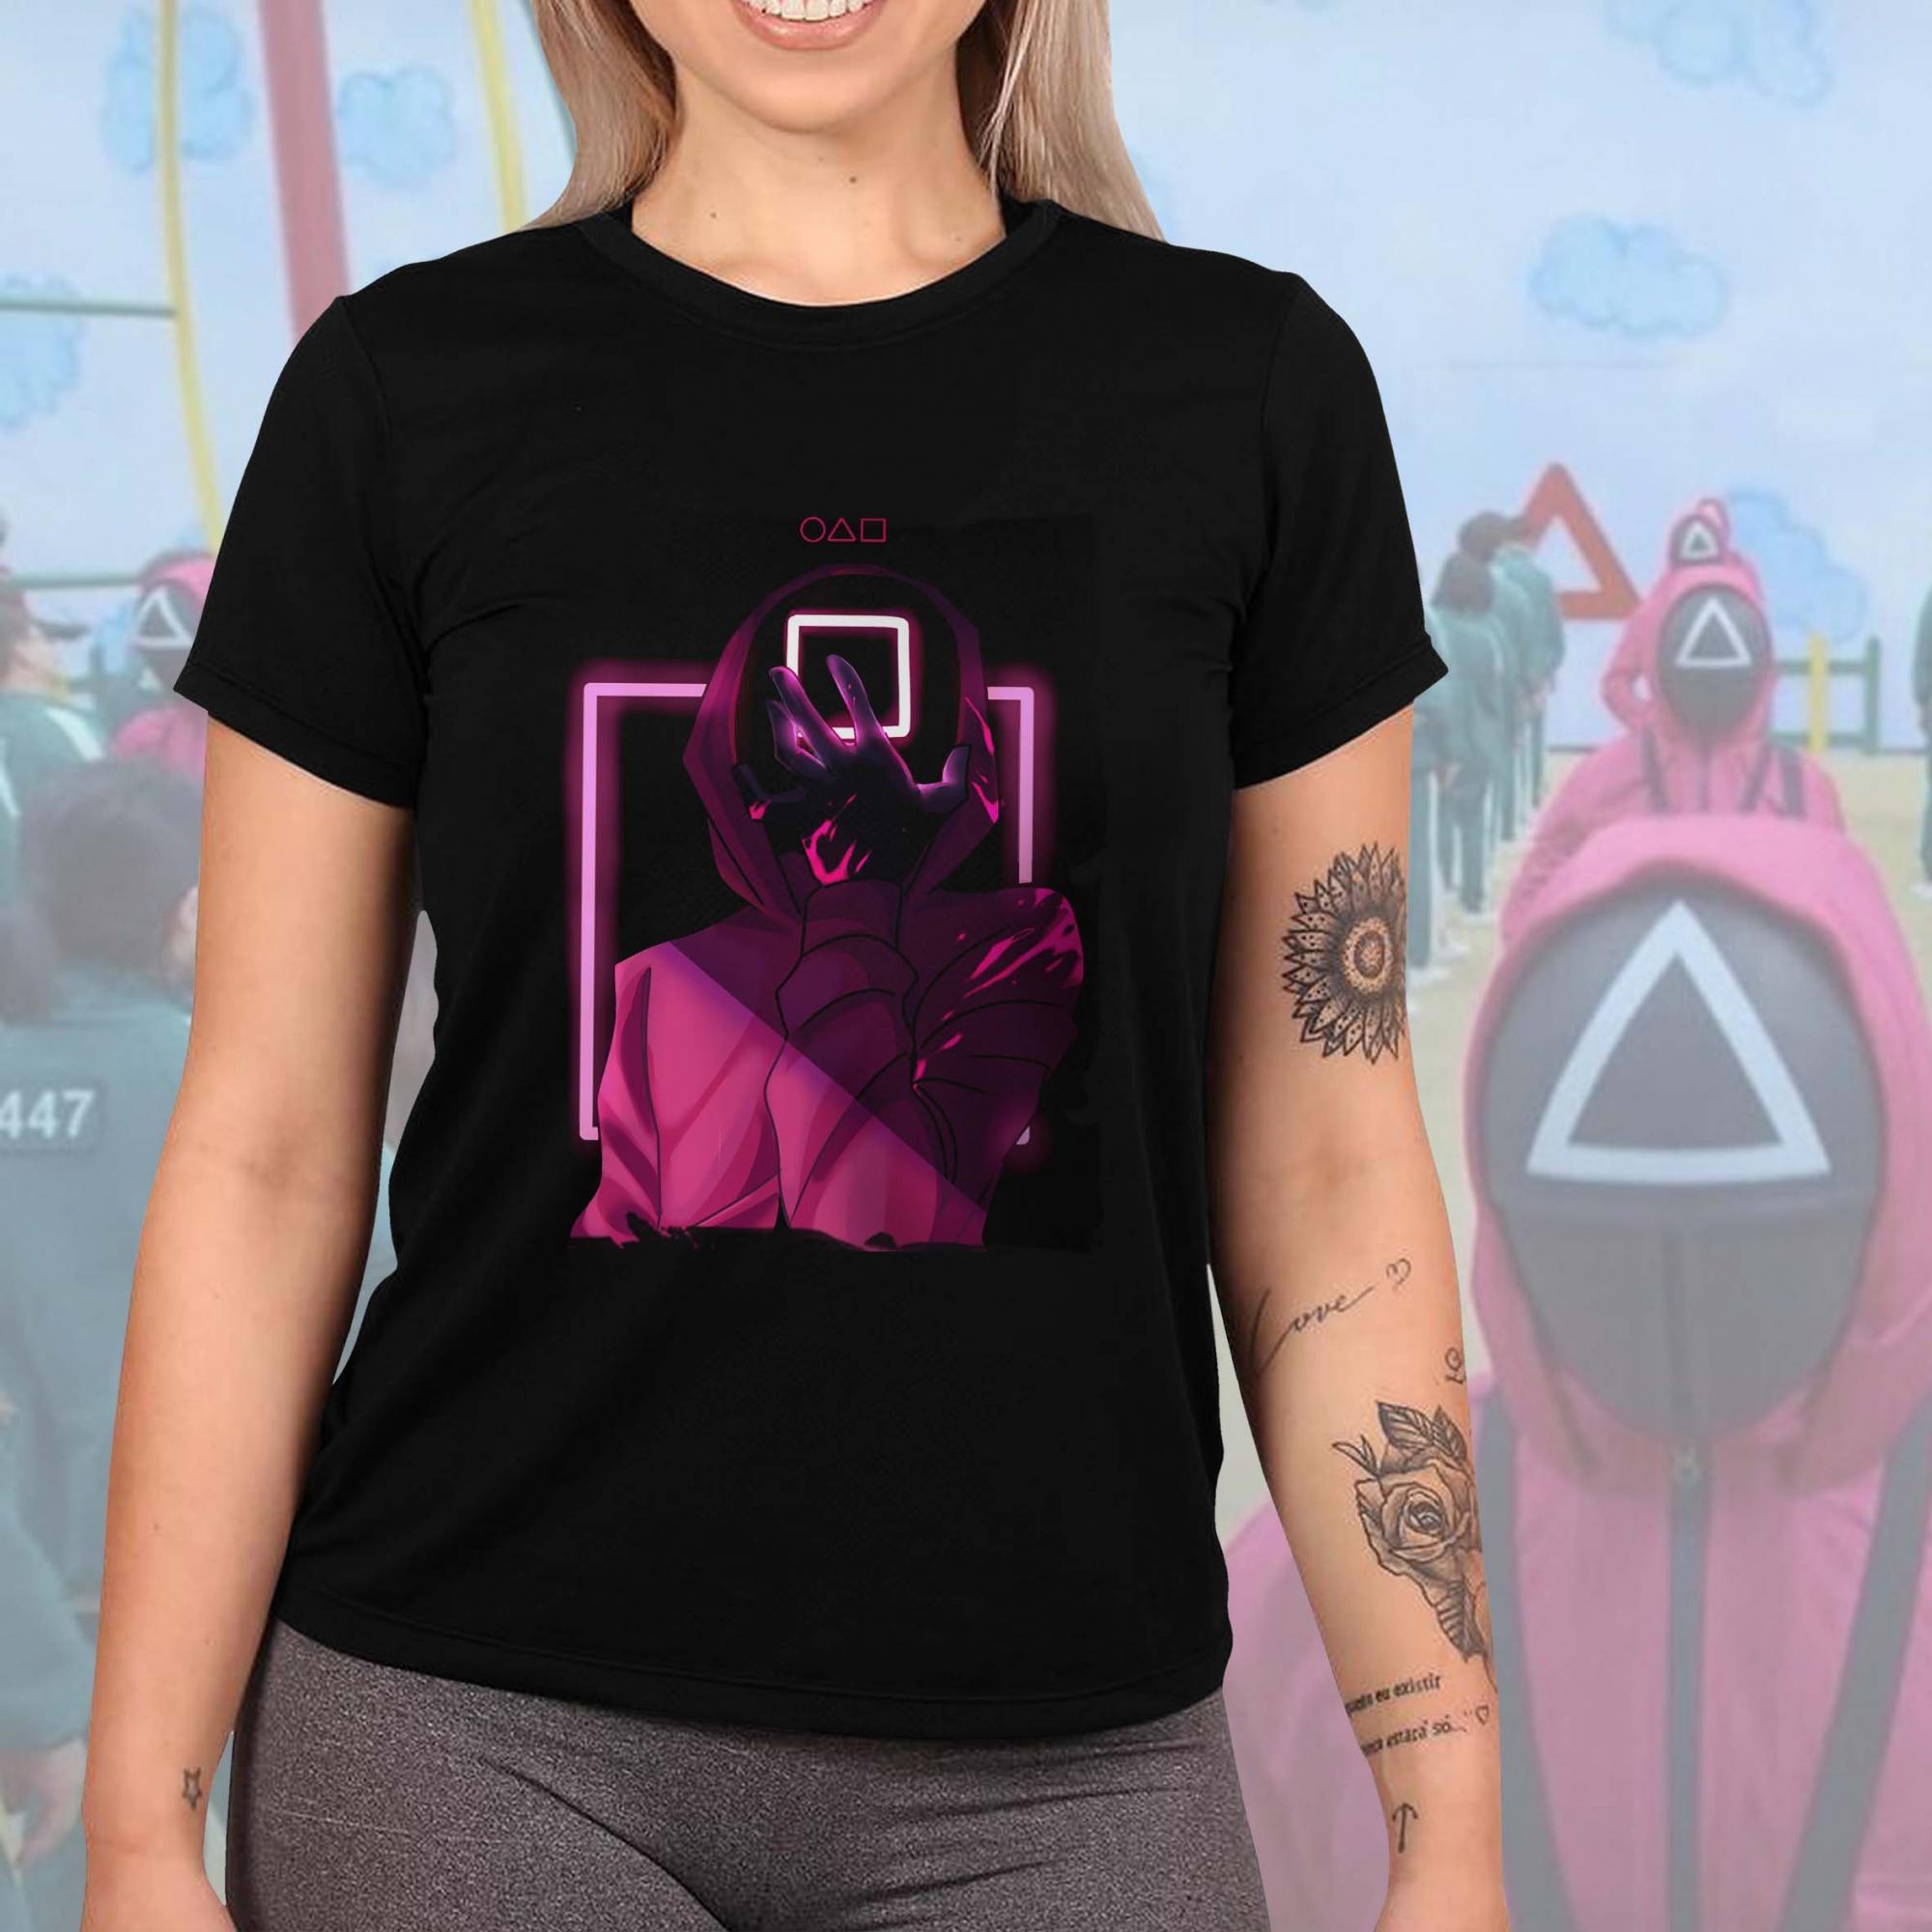 Camiseta Feminina Unissex Round 6 Squid Game Mascara Netflix (Preta) - EV